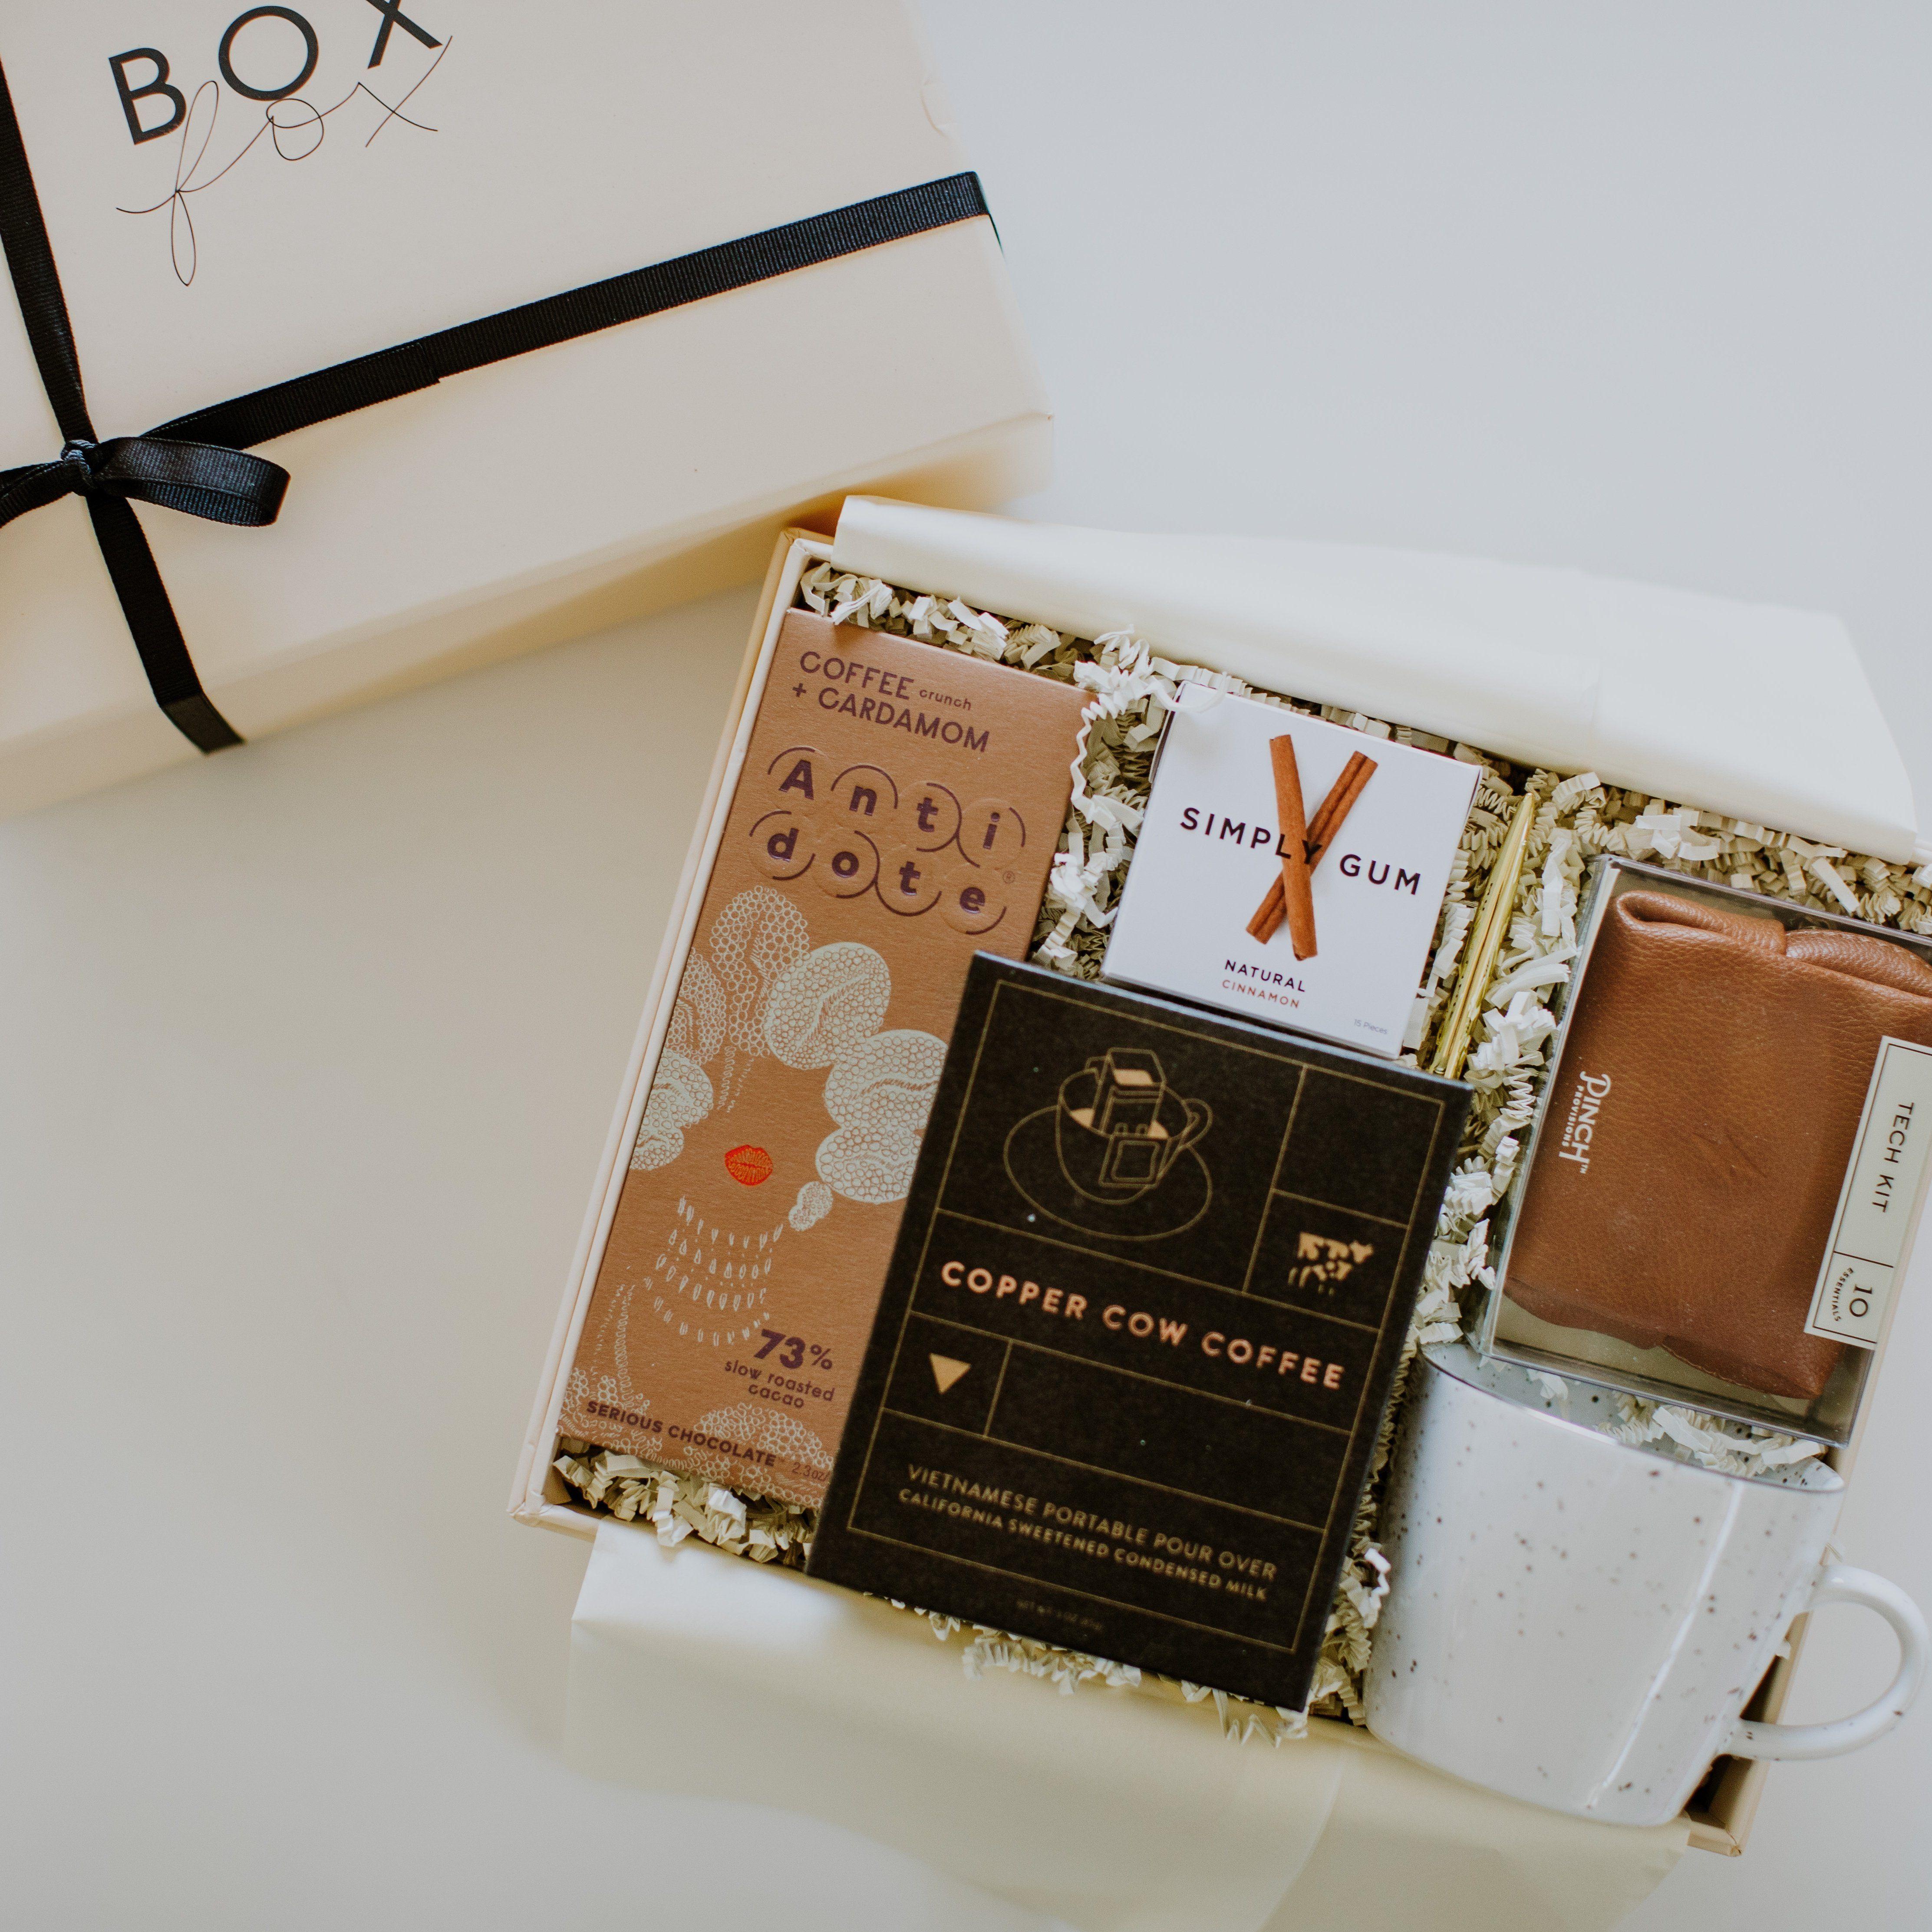 Boxfox corporate gifts gifts gift box